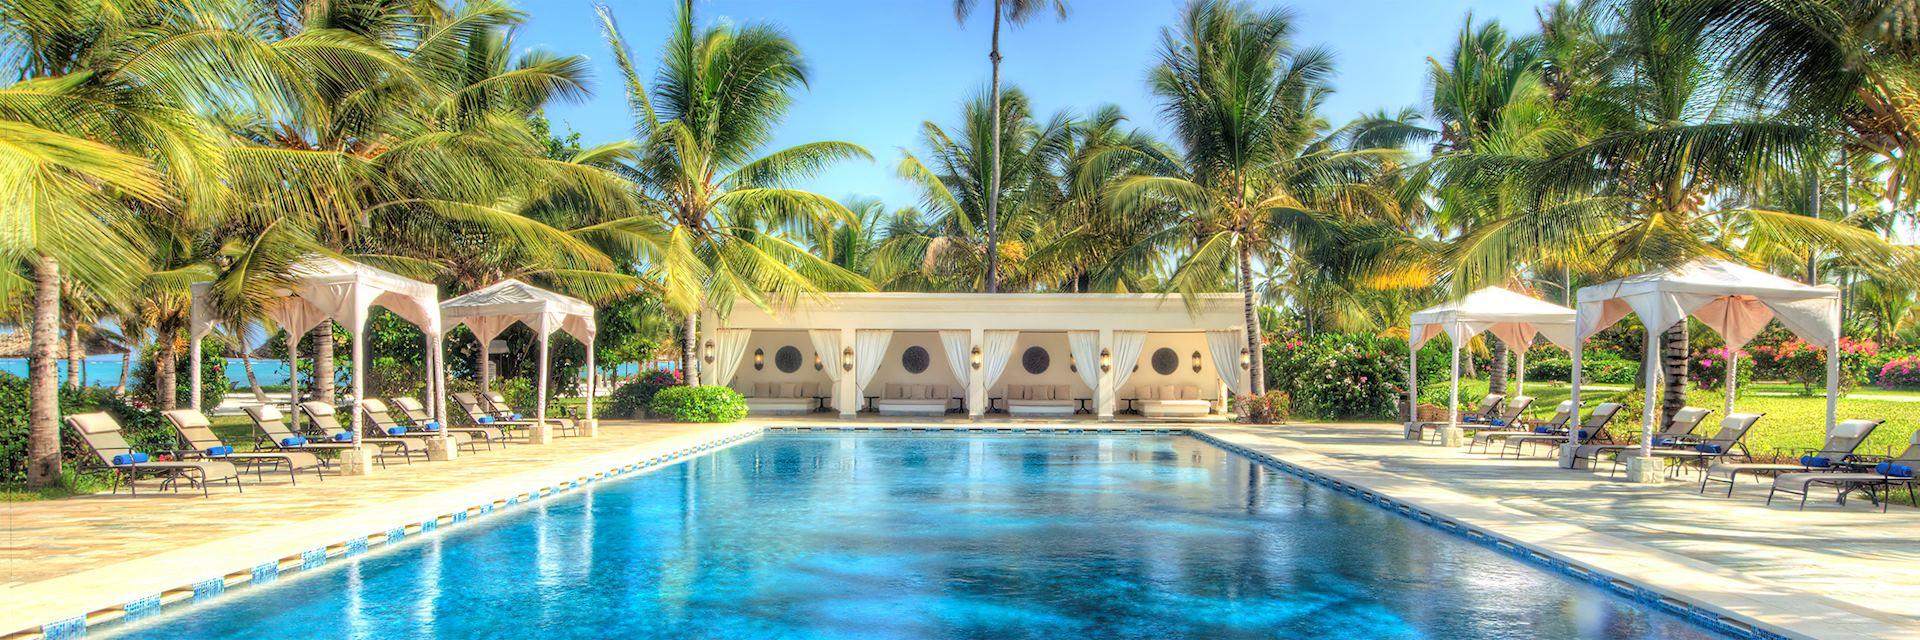 Baraza Resort & Spa, Zanzibar Island